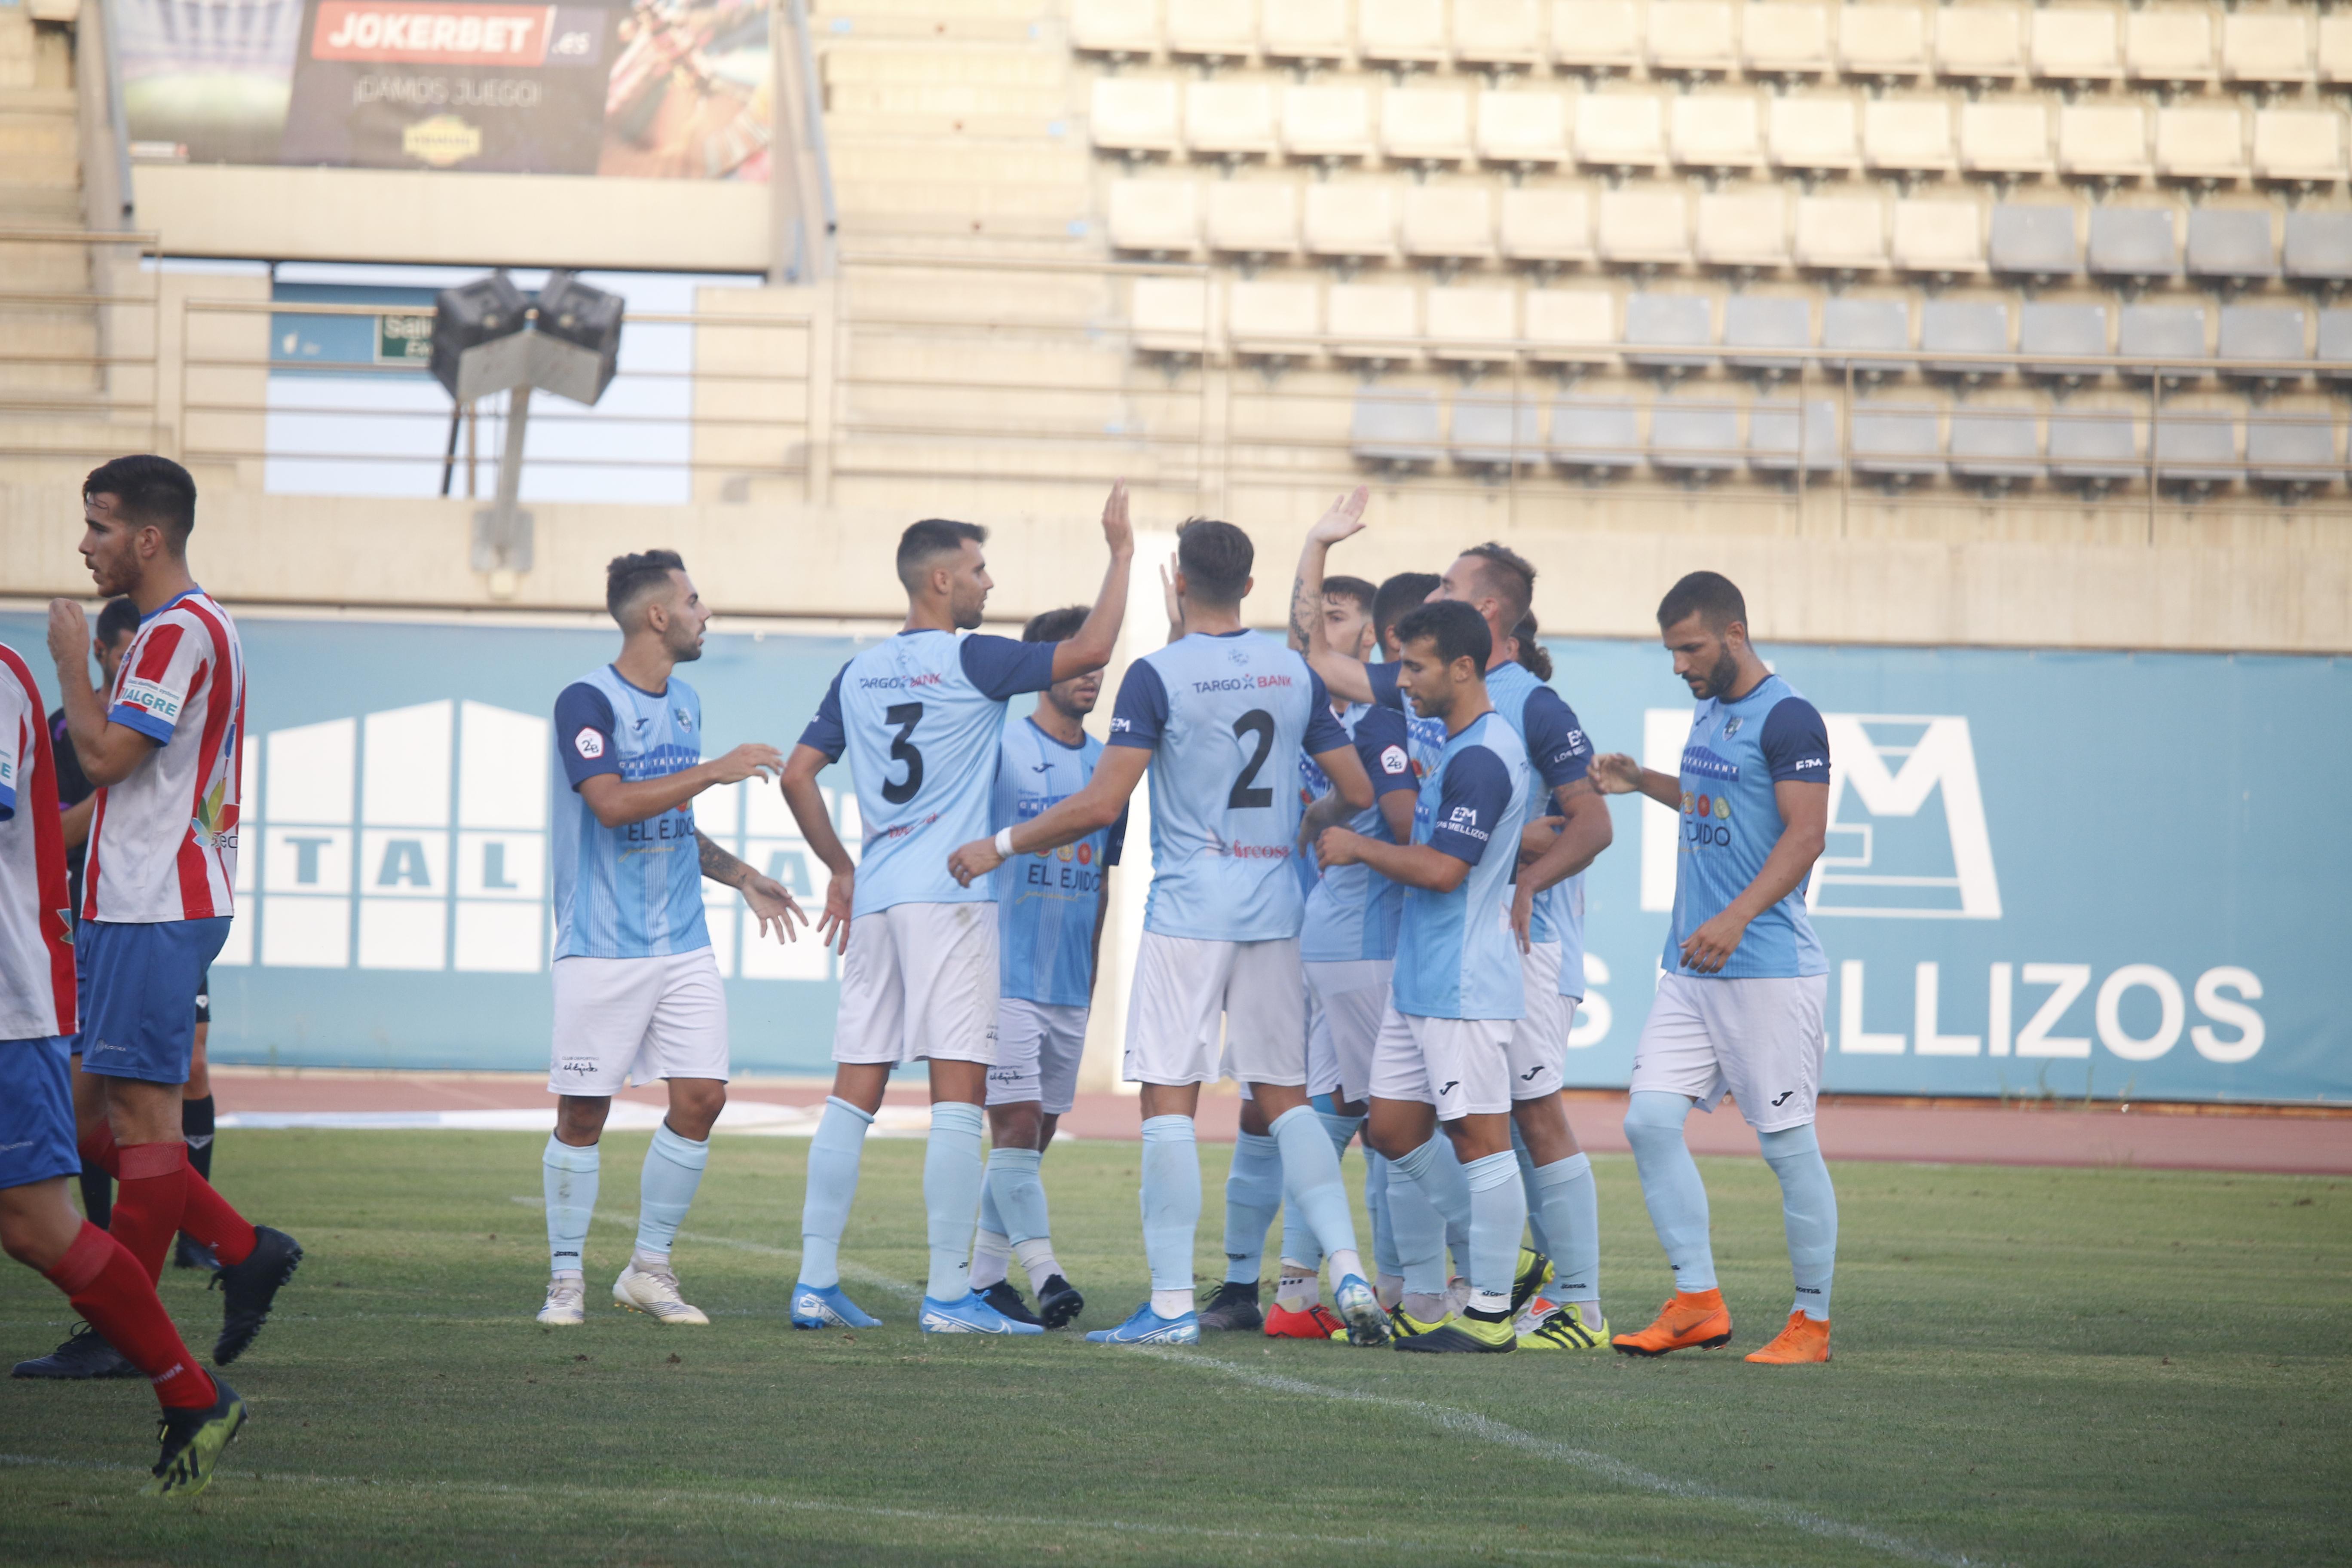 Primer triunfo de la pretemporada en el estadio municipal de Santo Domingo frente al Poli Almería tras una intensa segunda parte